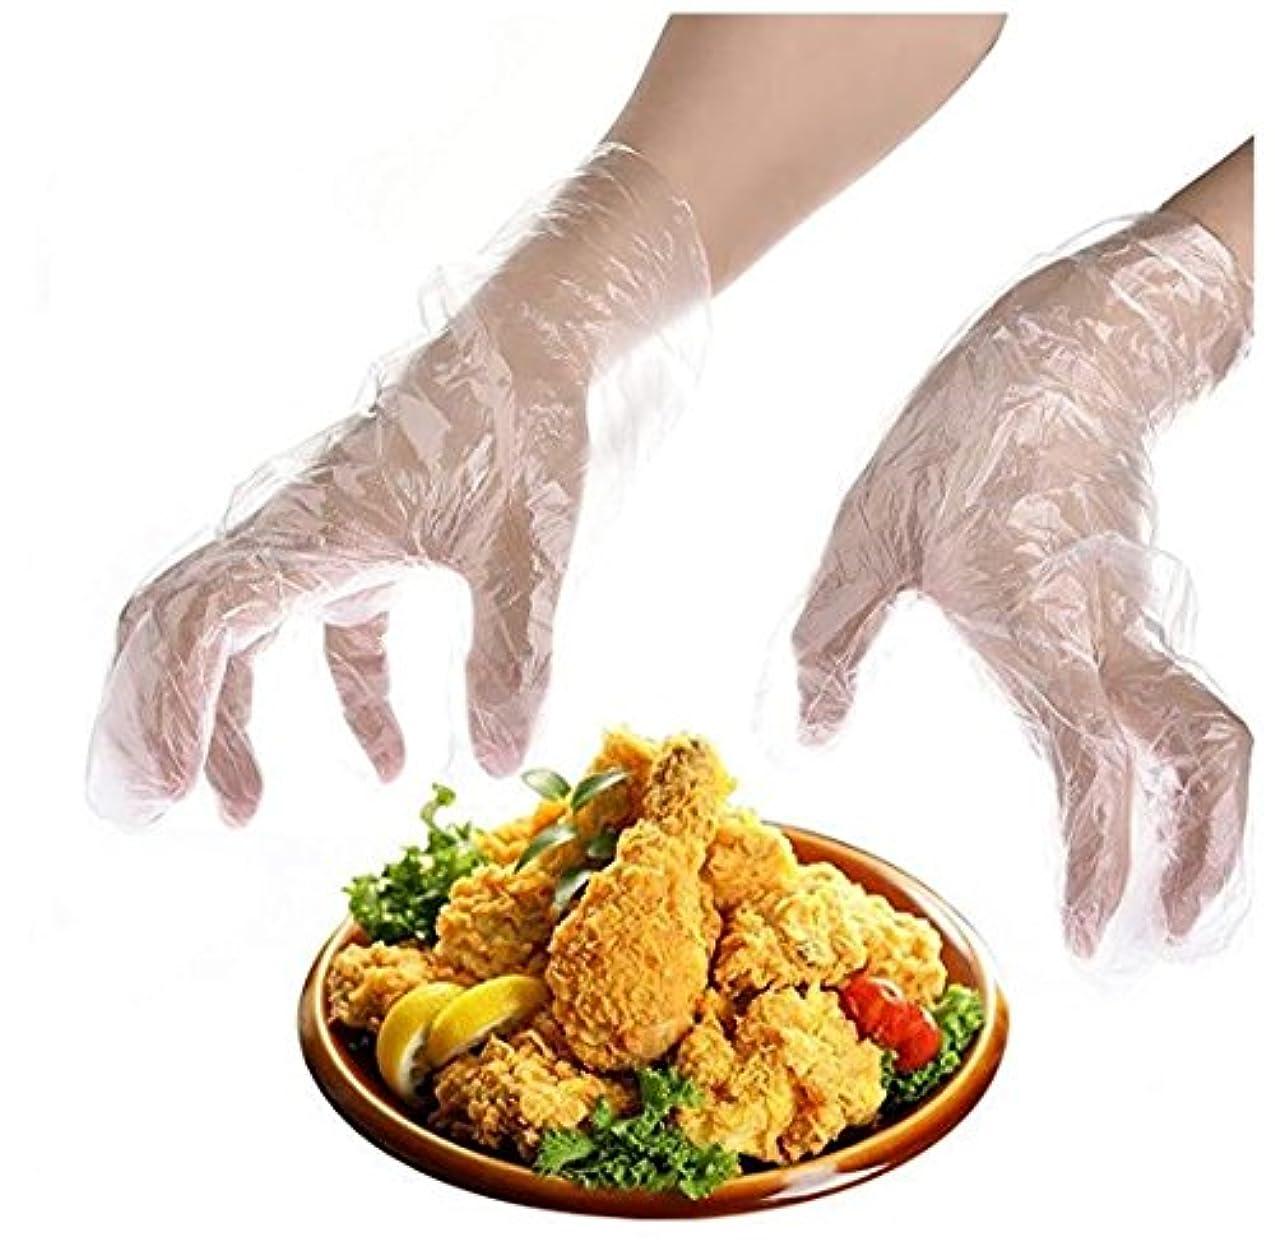 移住するおめでとう商業のHeyuni.使い捨て手袋 極薄ビニール手袋 ポリエチレン 透明 実用 衛生 100枚